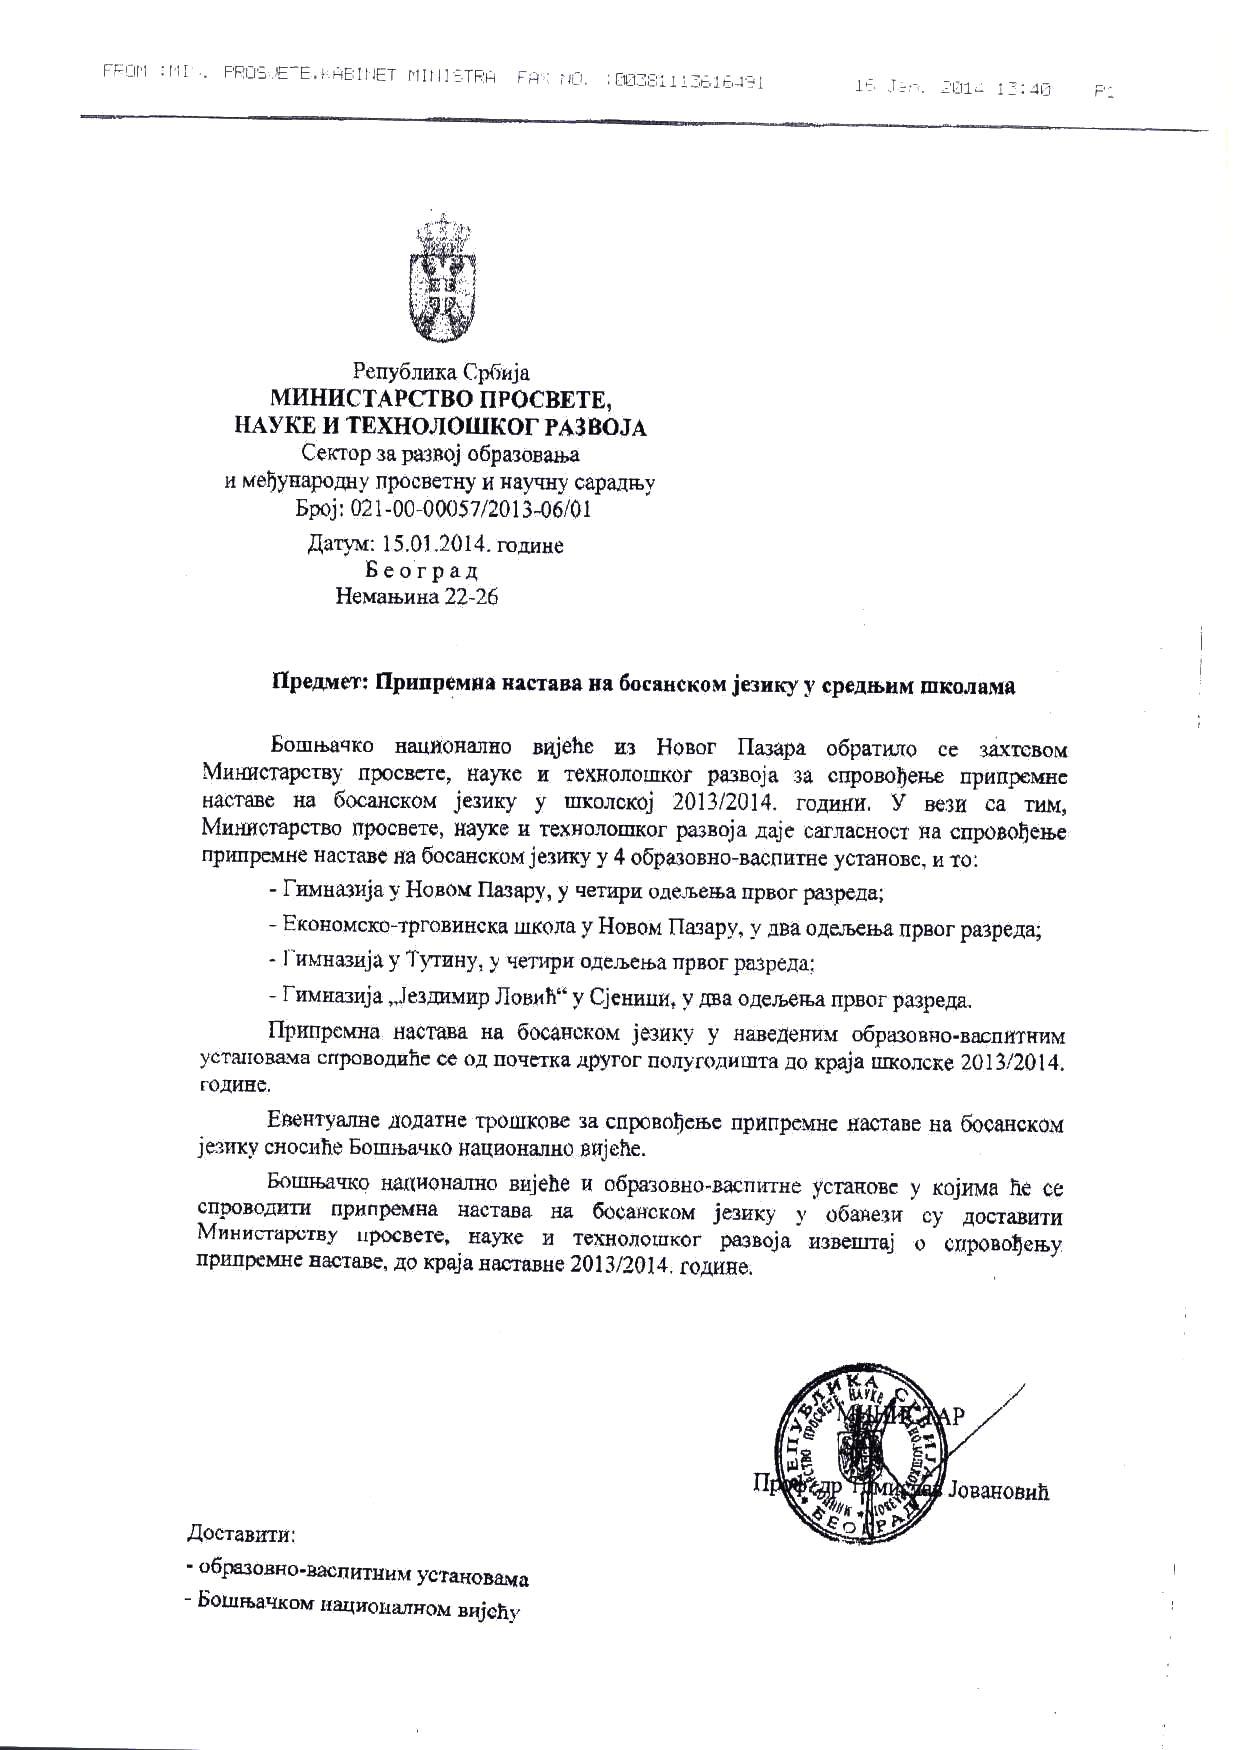 Dopis Ministarstva prosvete nastava